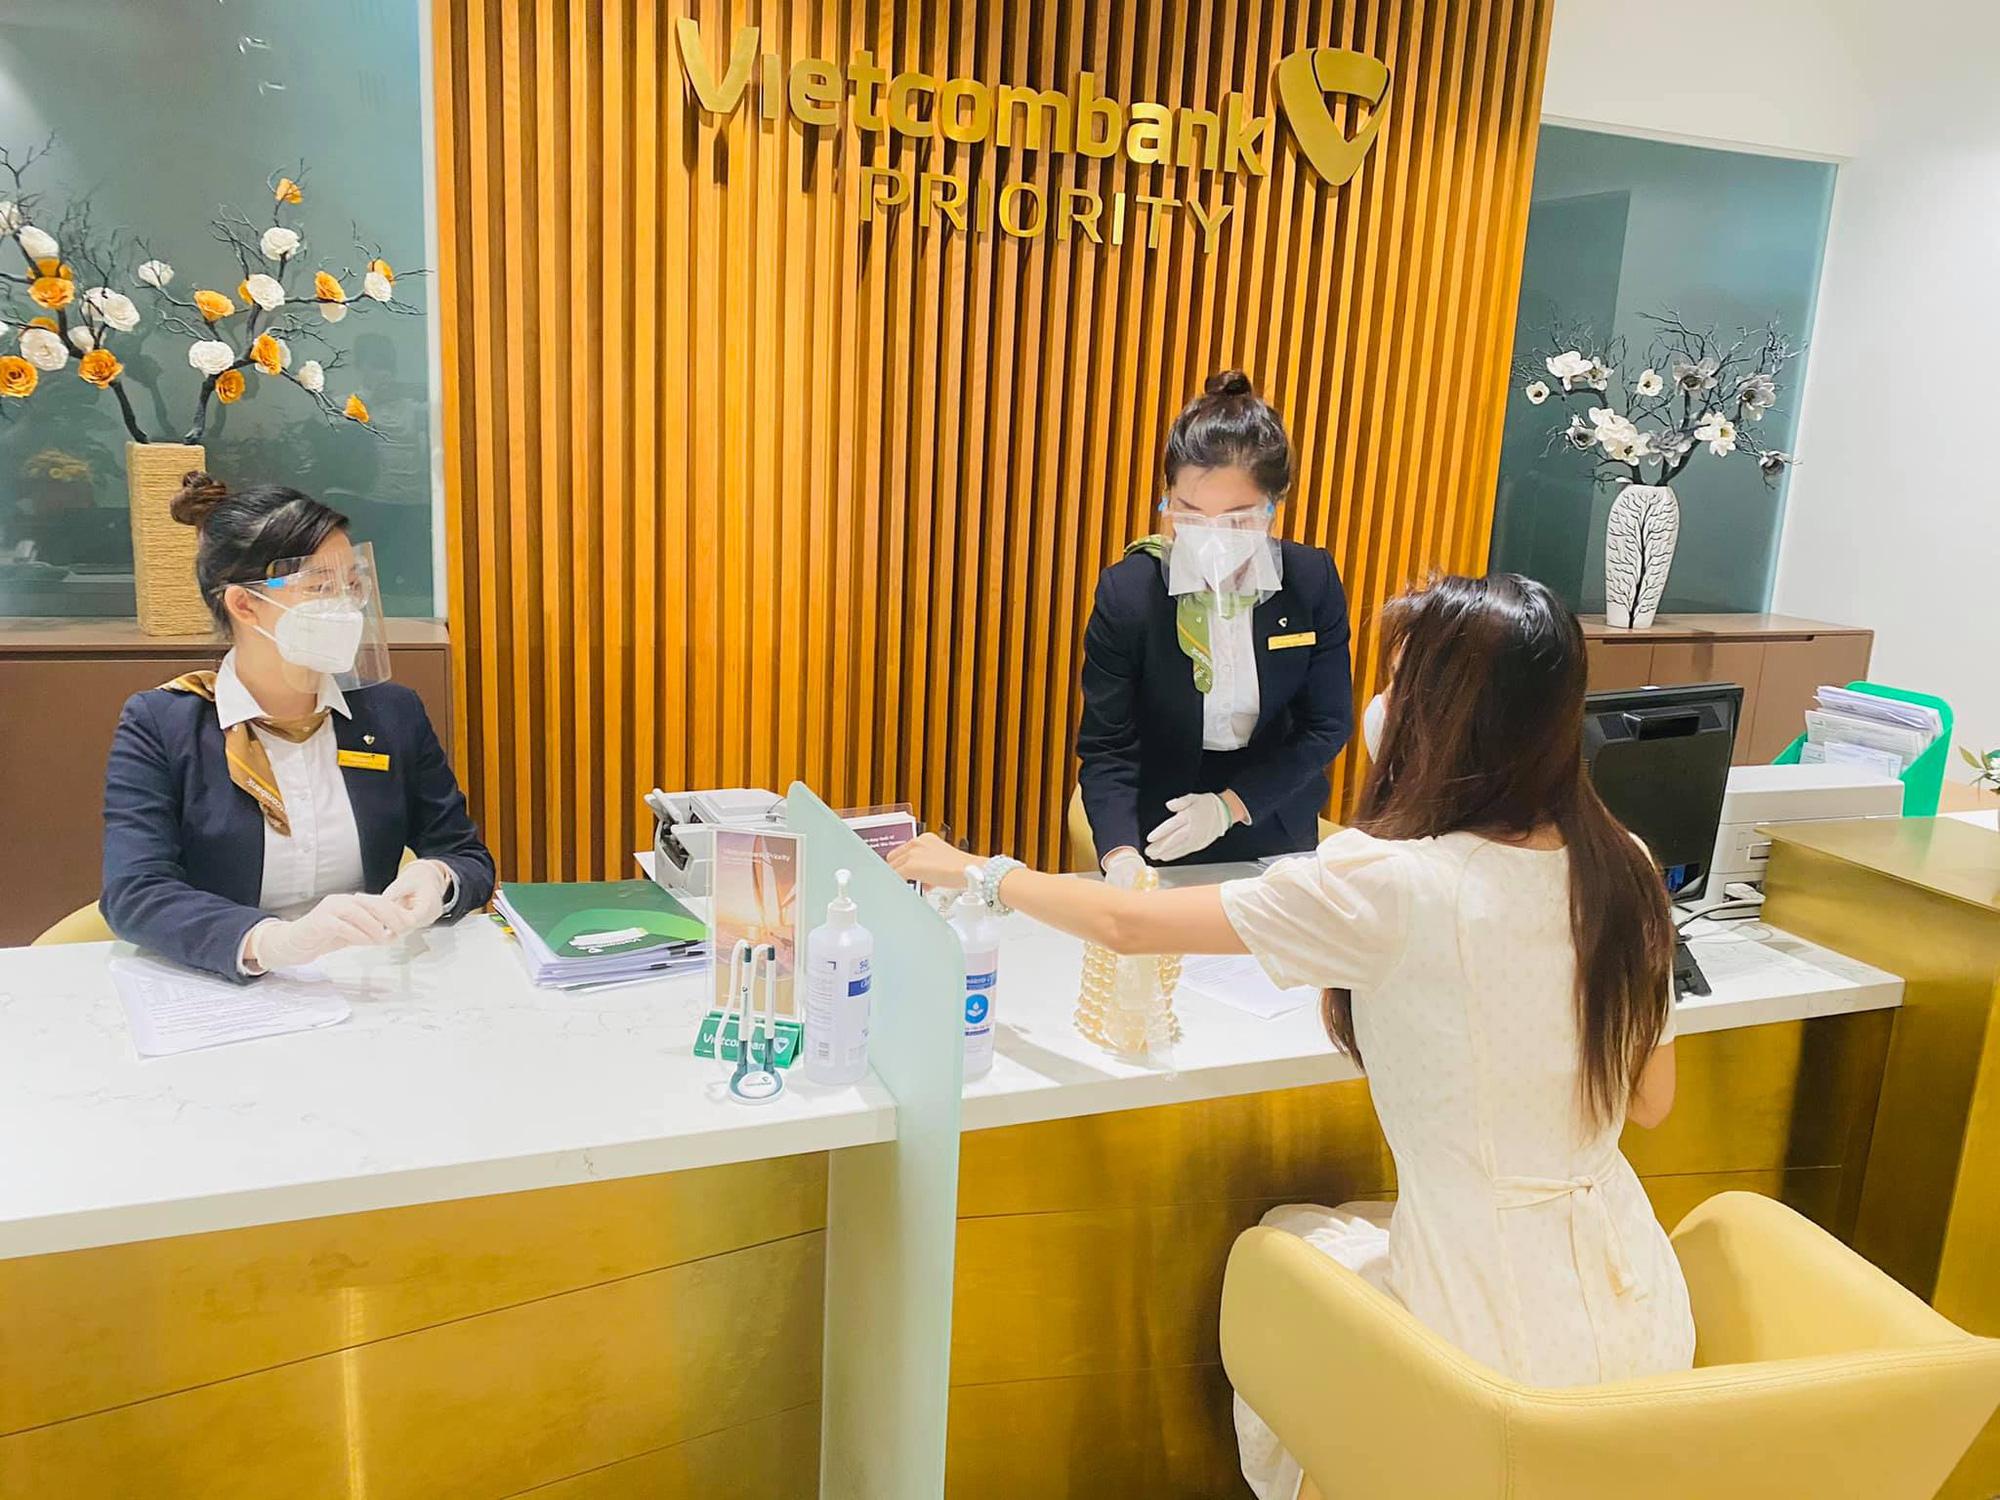 Vợ chồng Thủy Tiên phải chi bao nhiêu tiền để in 18.000 trang sao kê tại ngân hàng Vietcombank? - Ảnh 1.